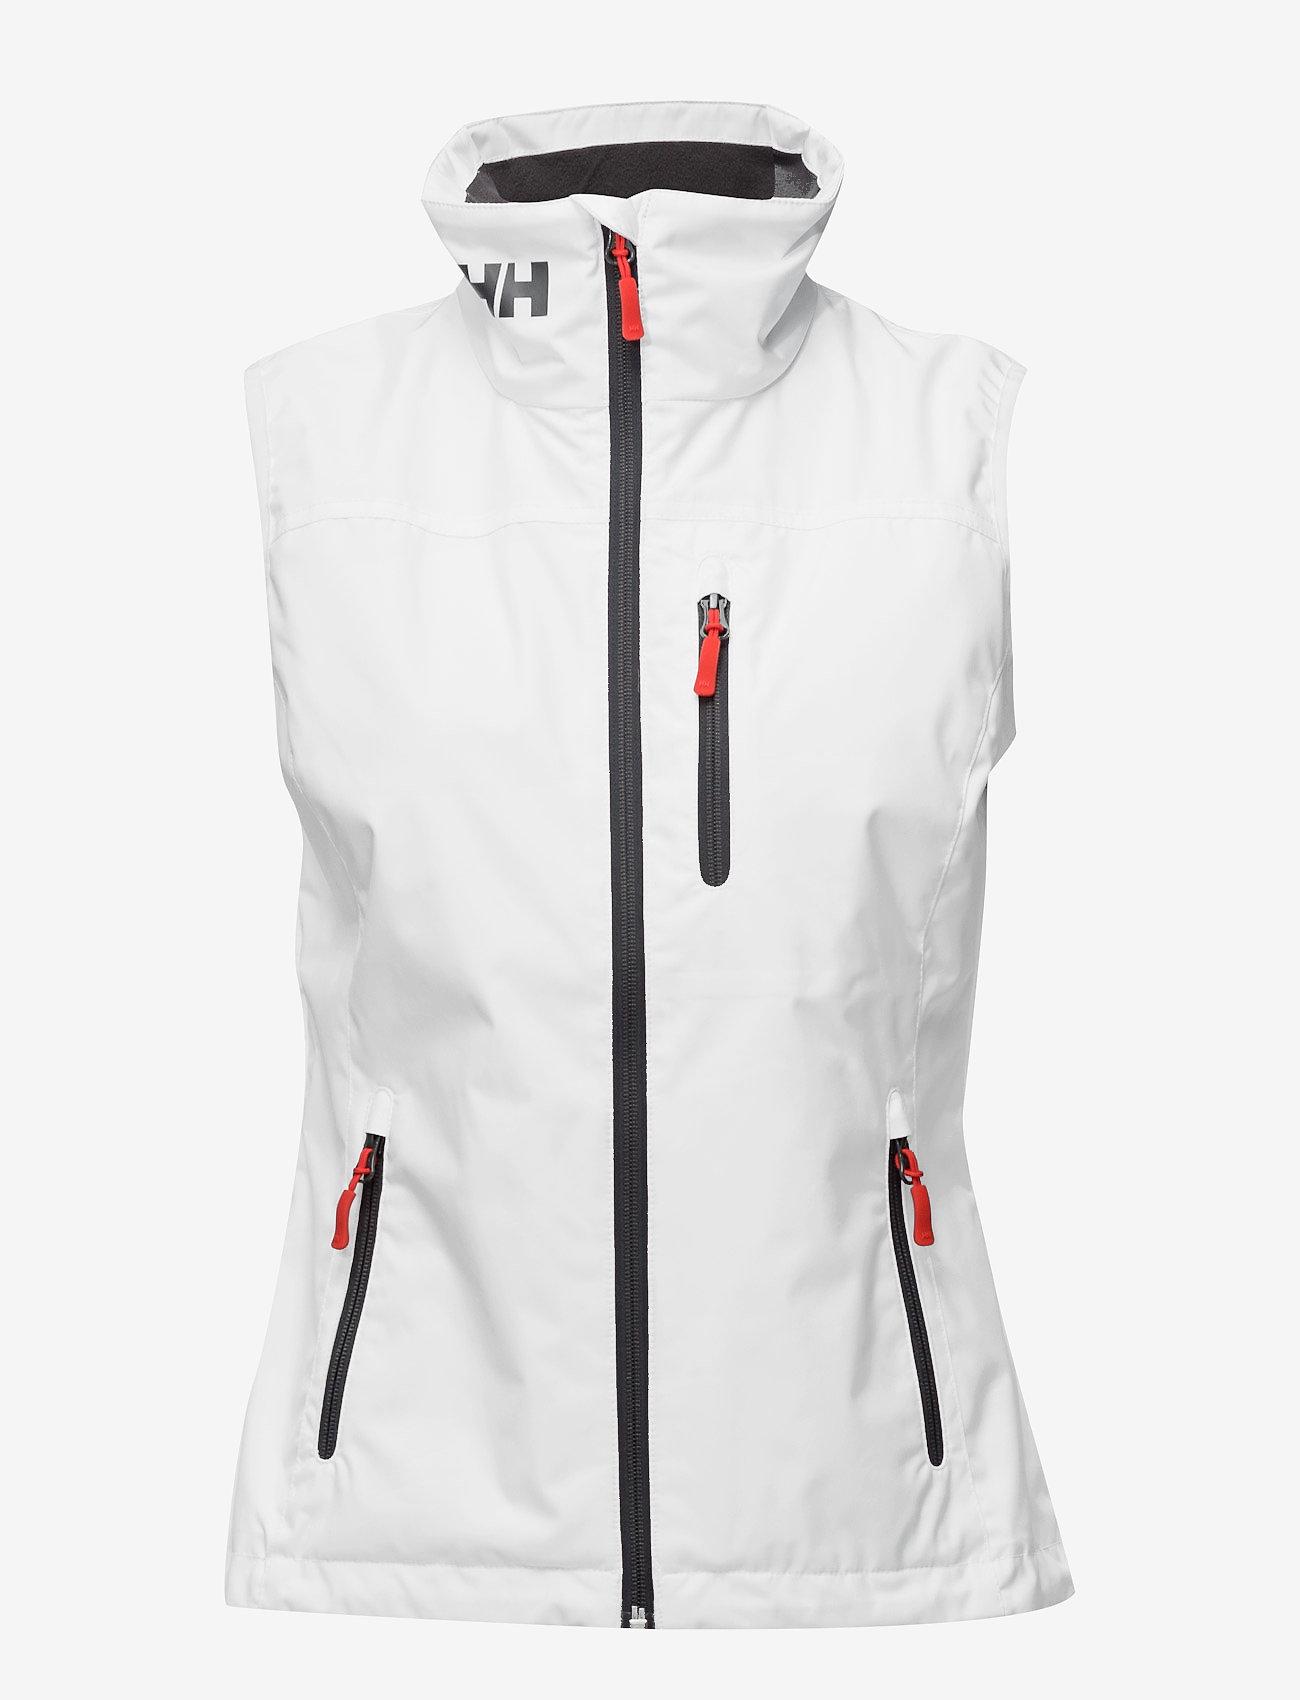 Helly Hansen - W CREW VEST - puffer vests - white - 0